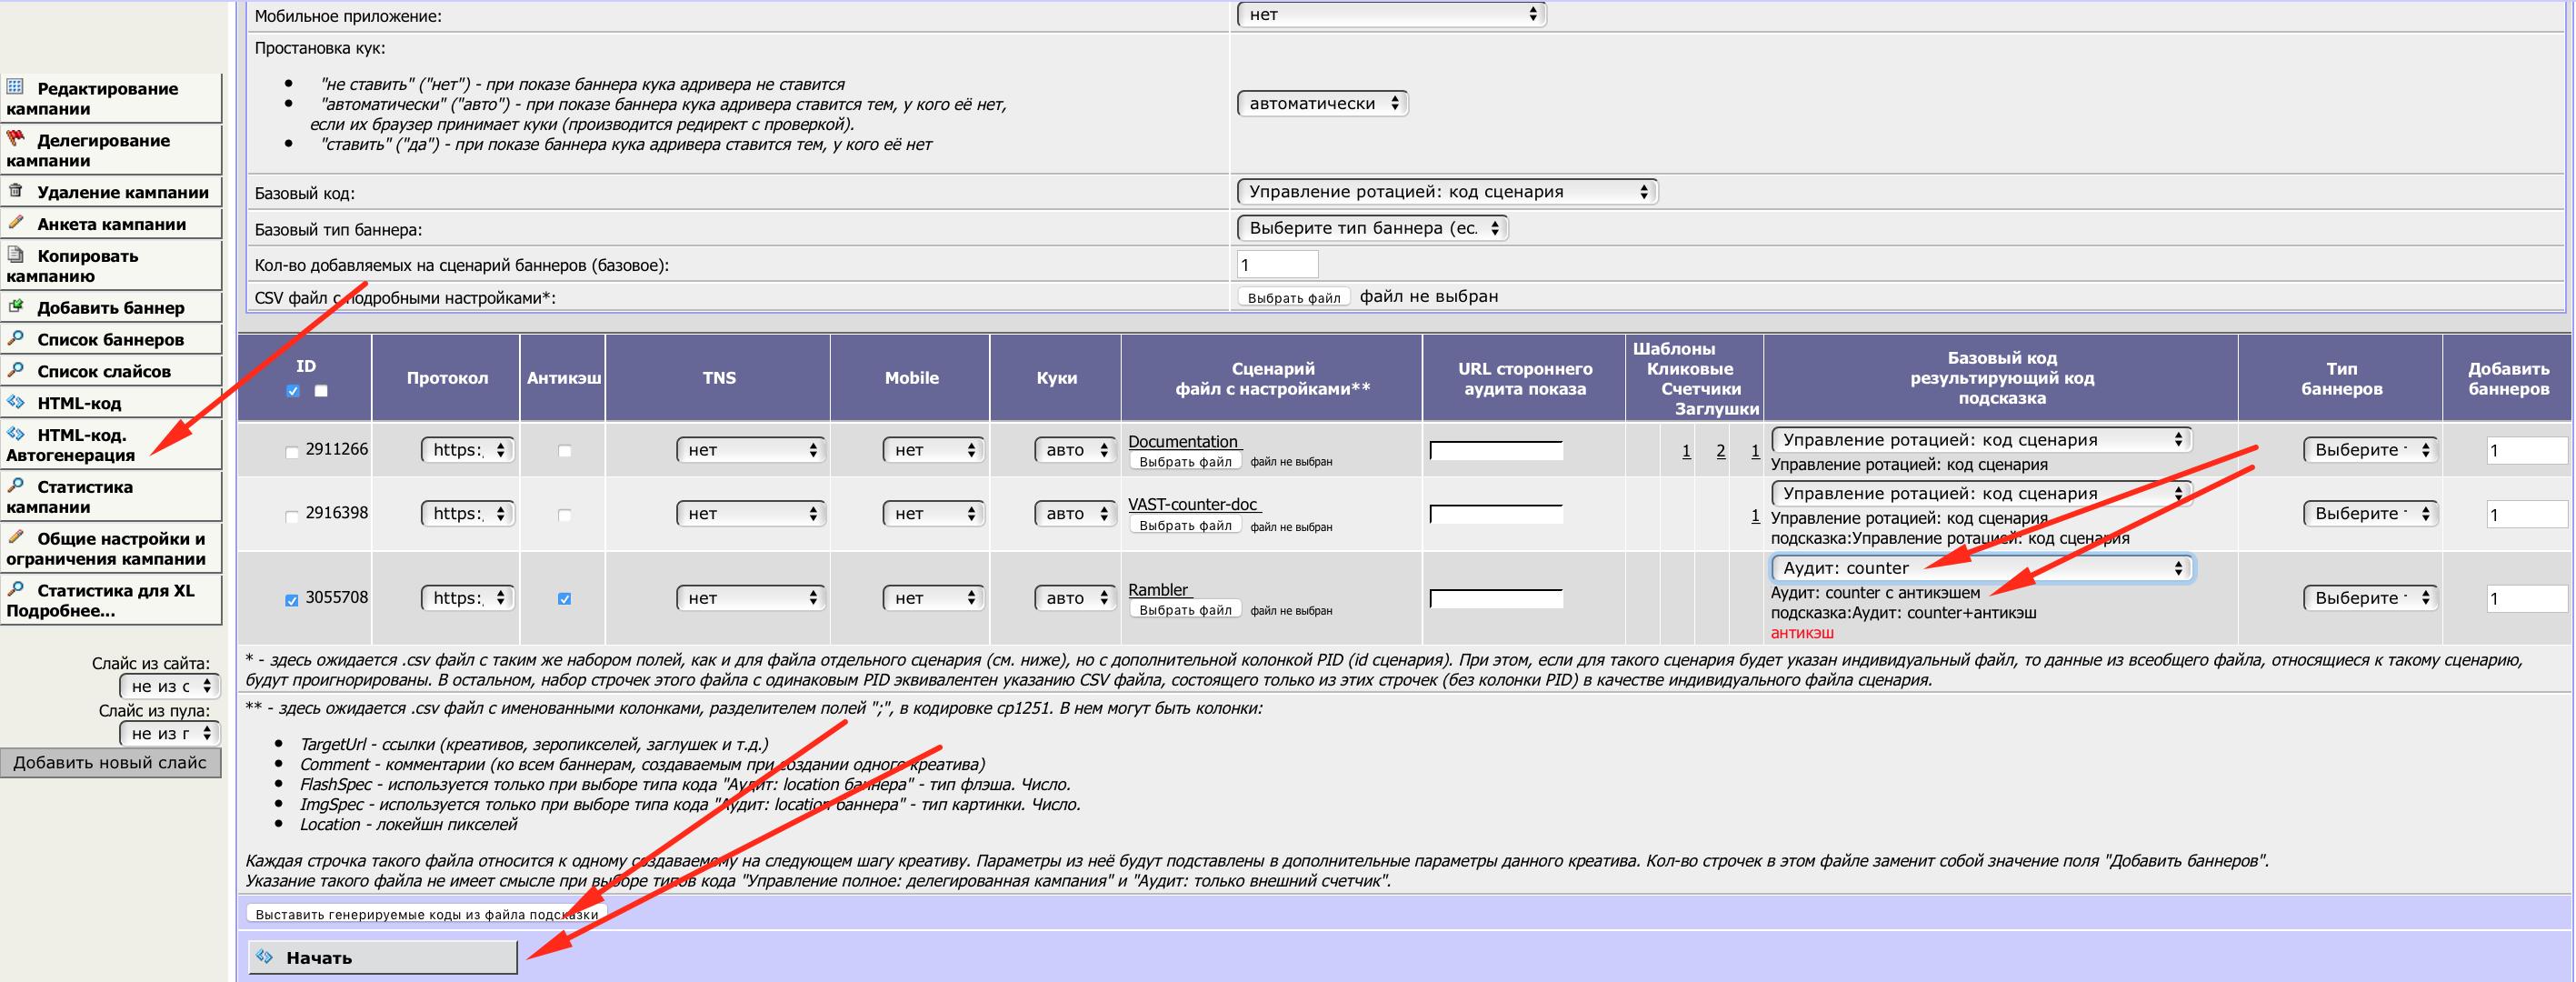 Добавление баннера типа counter в пункте менюHTML-код. Автогенерация